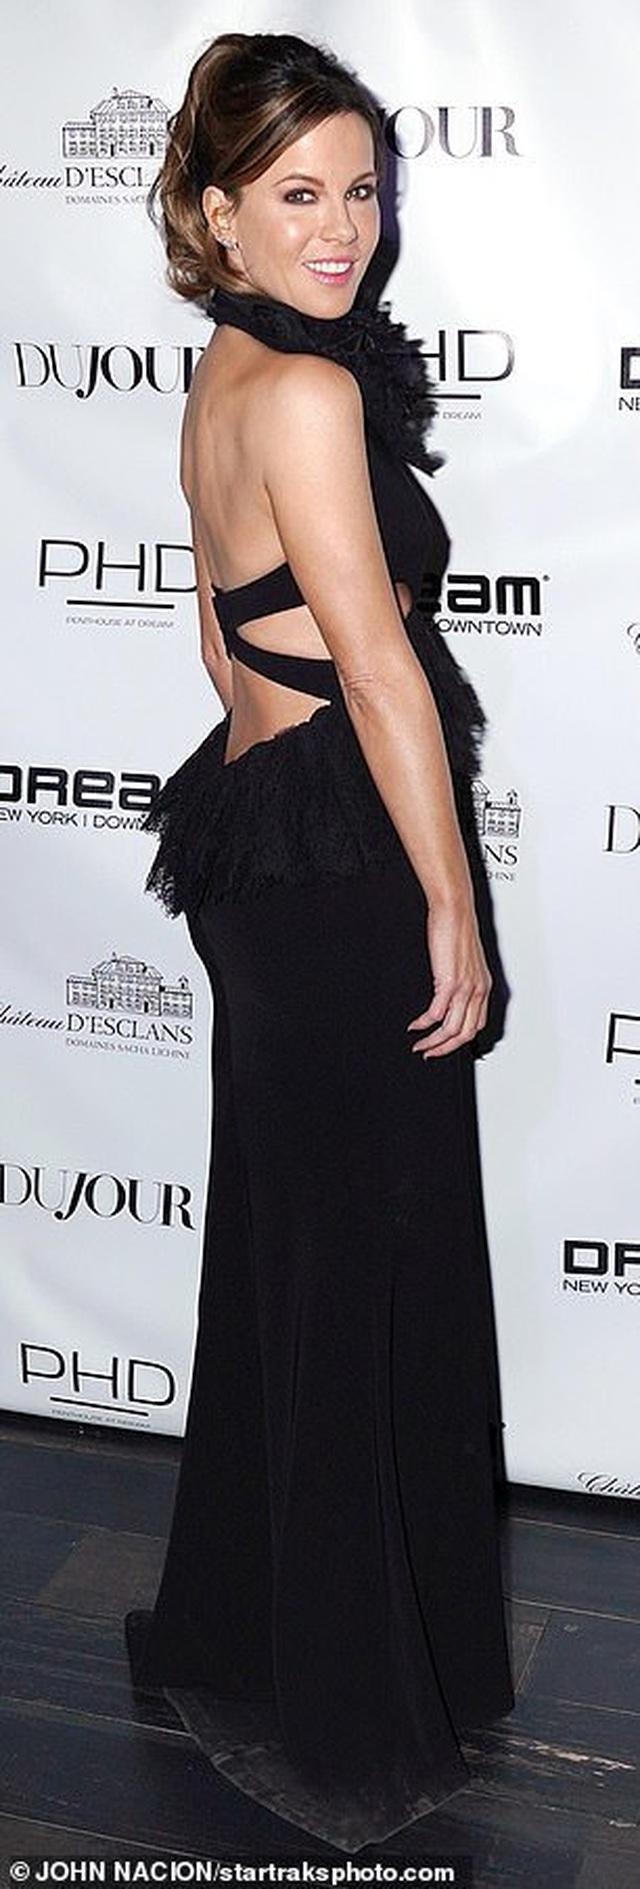 Kate Beckinsale trẻ trung đáng kinh ngạc ở tuổi 46 - 13